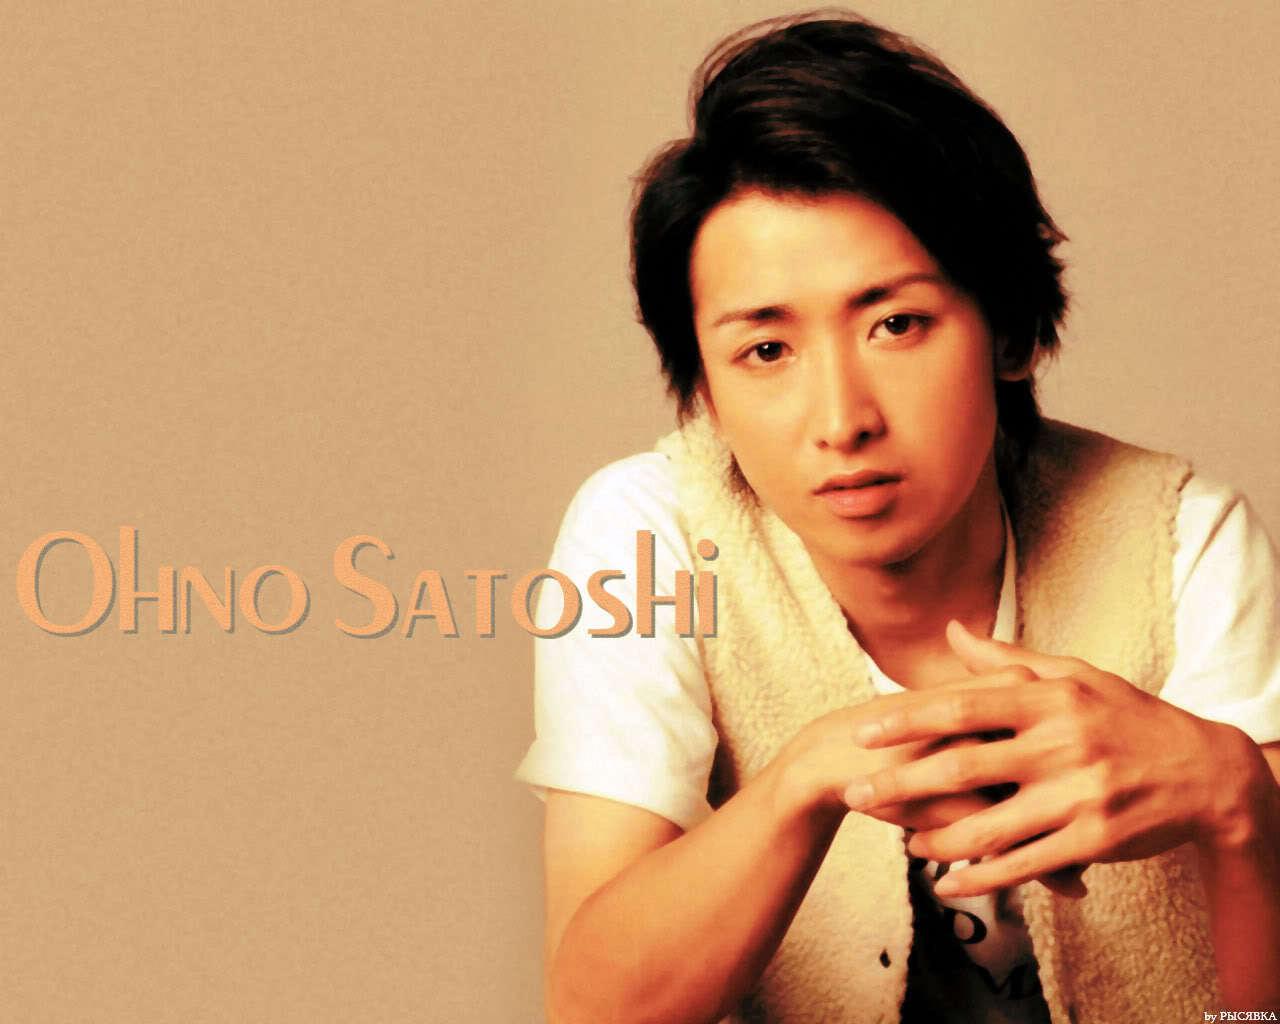 http://4.bp.blogspot.com/-bpvXZ8pegXY/UJaAzy3eWmI/AAAAAAAADQ4/_IAKgS5YAFg/s1600/wallpaper-ohno-satoshi-21079017-1280-1024.jpg